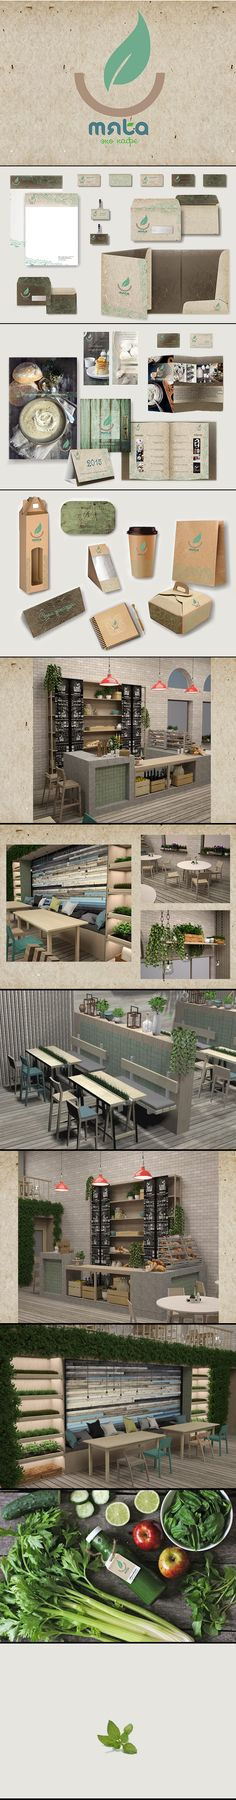 """eco-caffe """"Mint"""" interior design: Tania Bondra brending: Alina Rybzun  эко-кафе """"Мята""""  дизайнер интерьера: Таня Бондарь фирменный стиль: Алина Рябцун"""